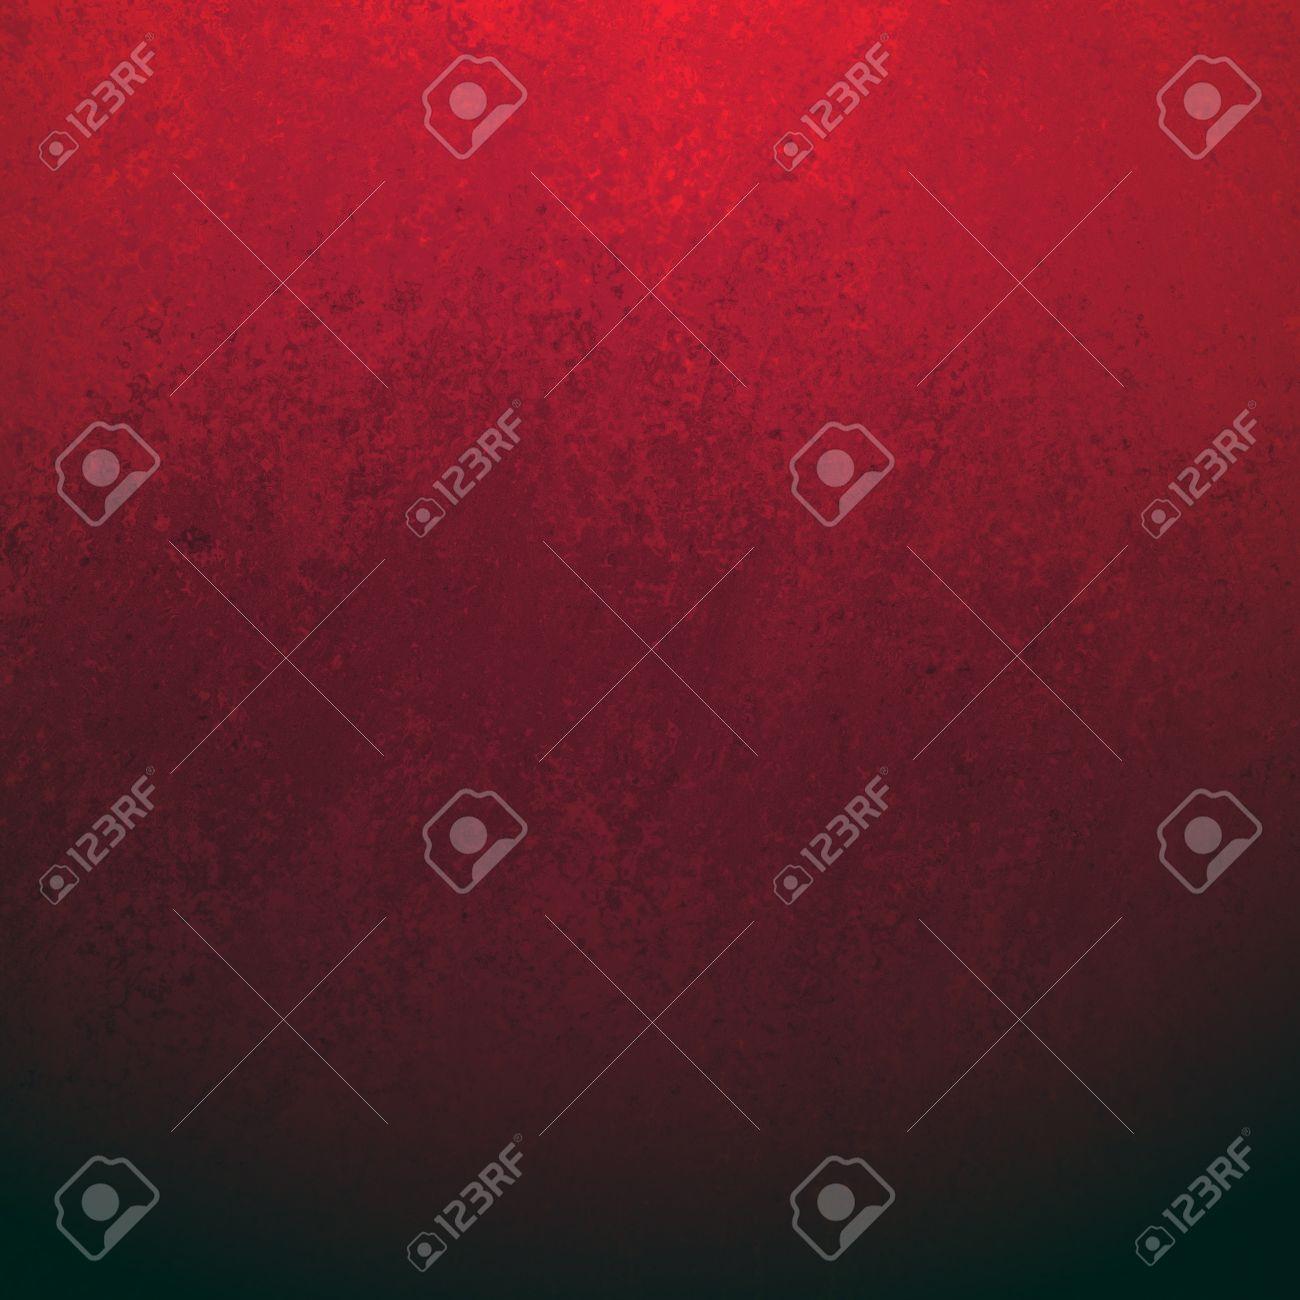 Couleur Avec Du Rouge fond noir avec une texture grunge bordure rouge, couleur rouge vif gradient  mélangé dans la couleur noir foncé, élégant fond chic avec murs éponge